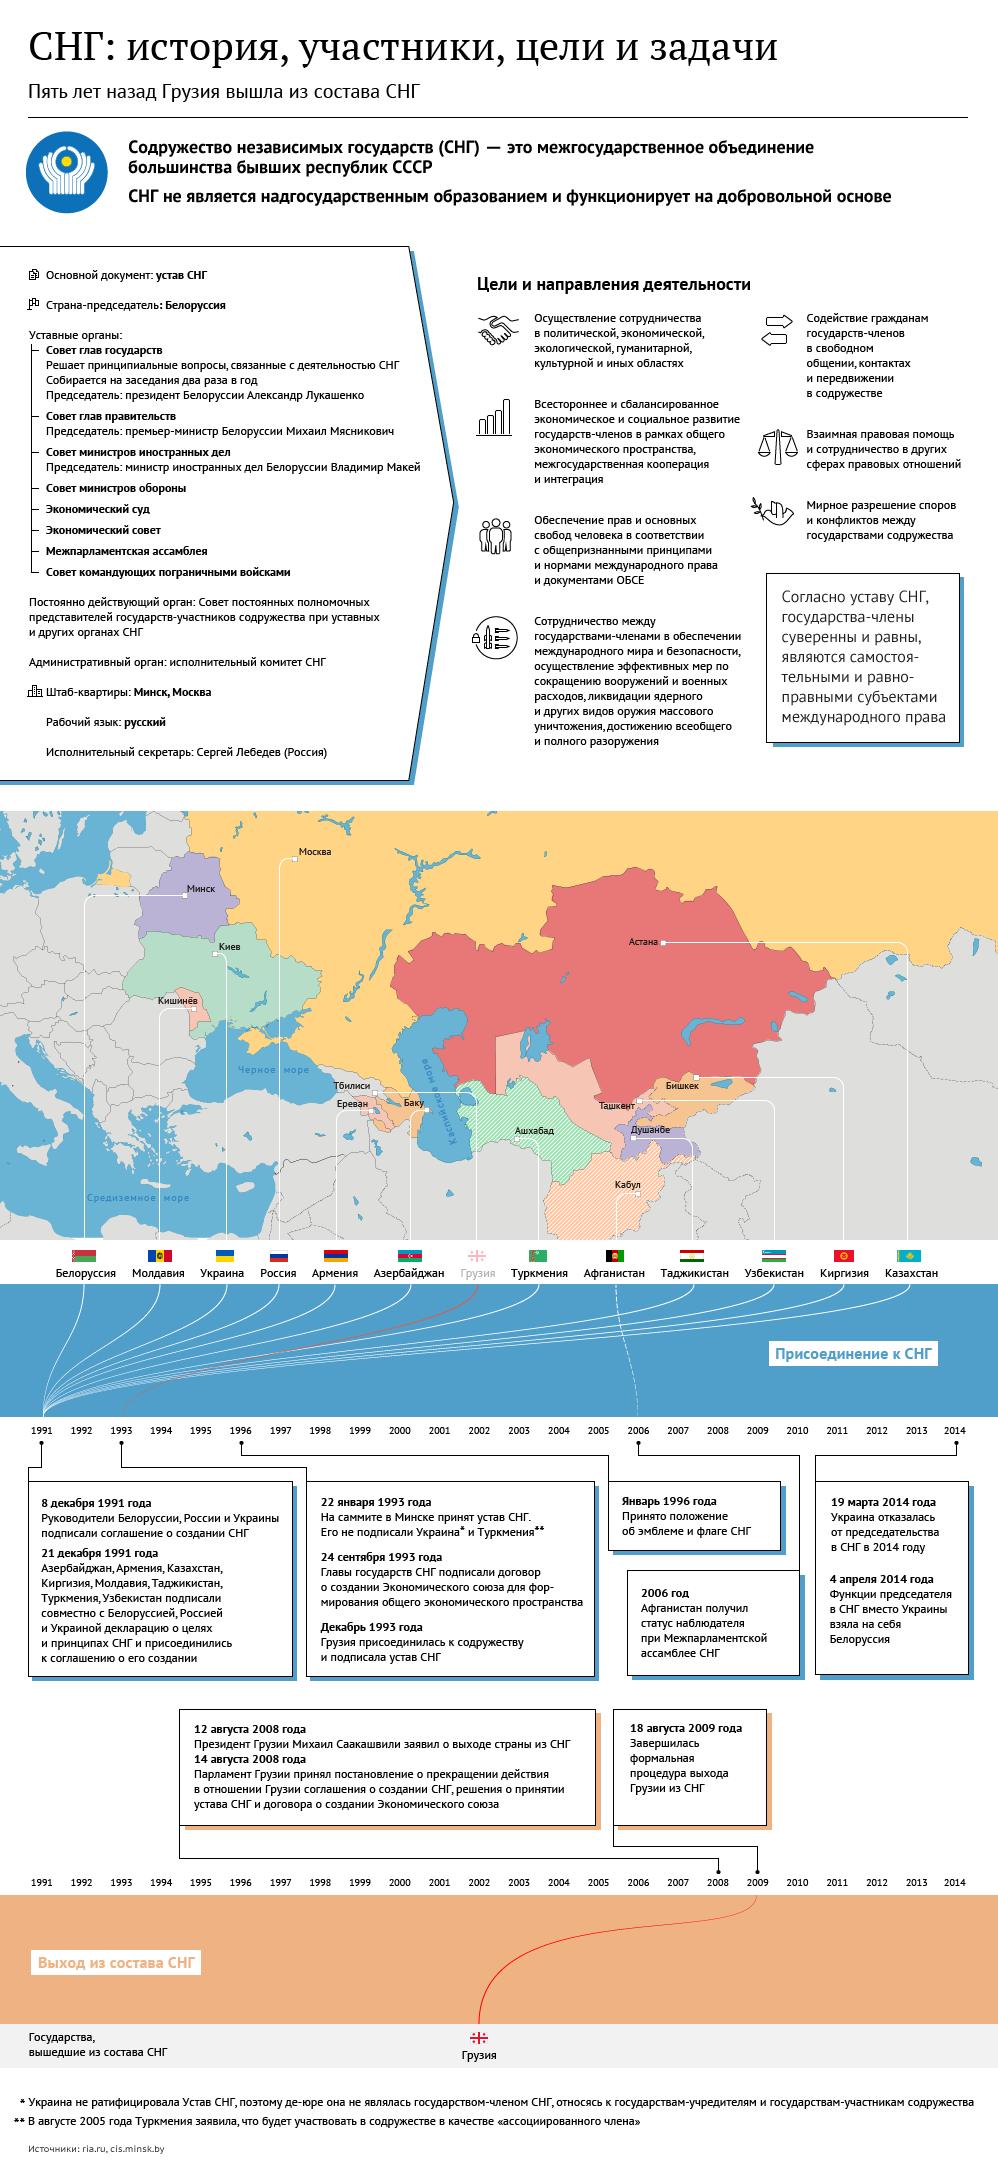 натуральные какие годы входят в постсоветский период Guahoo Известная